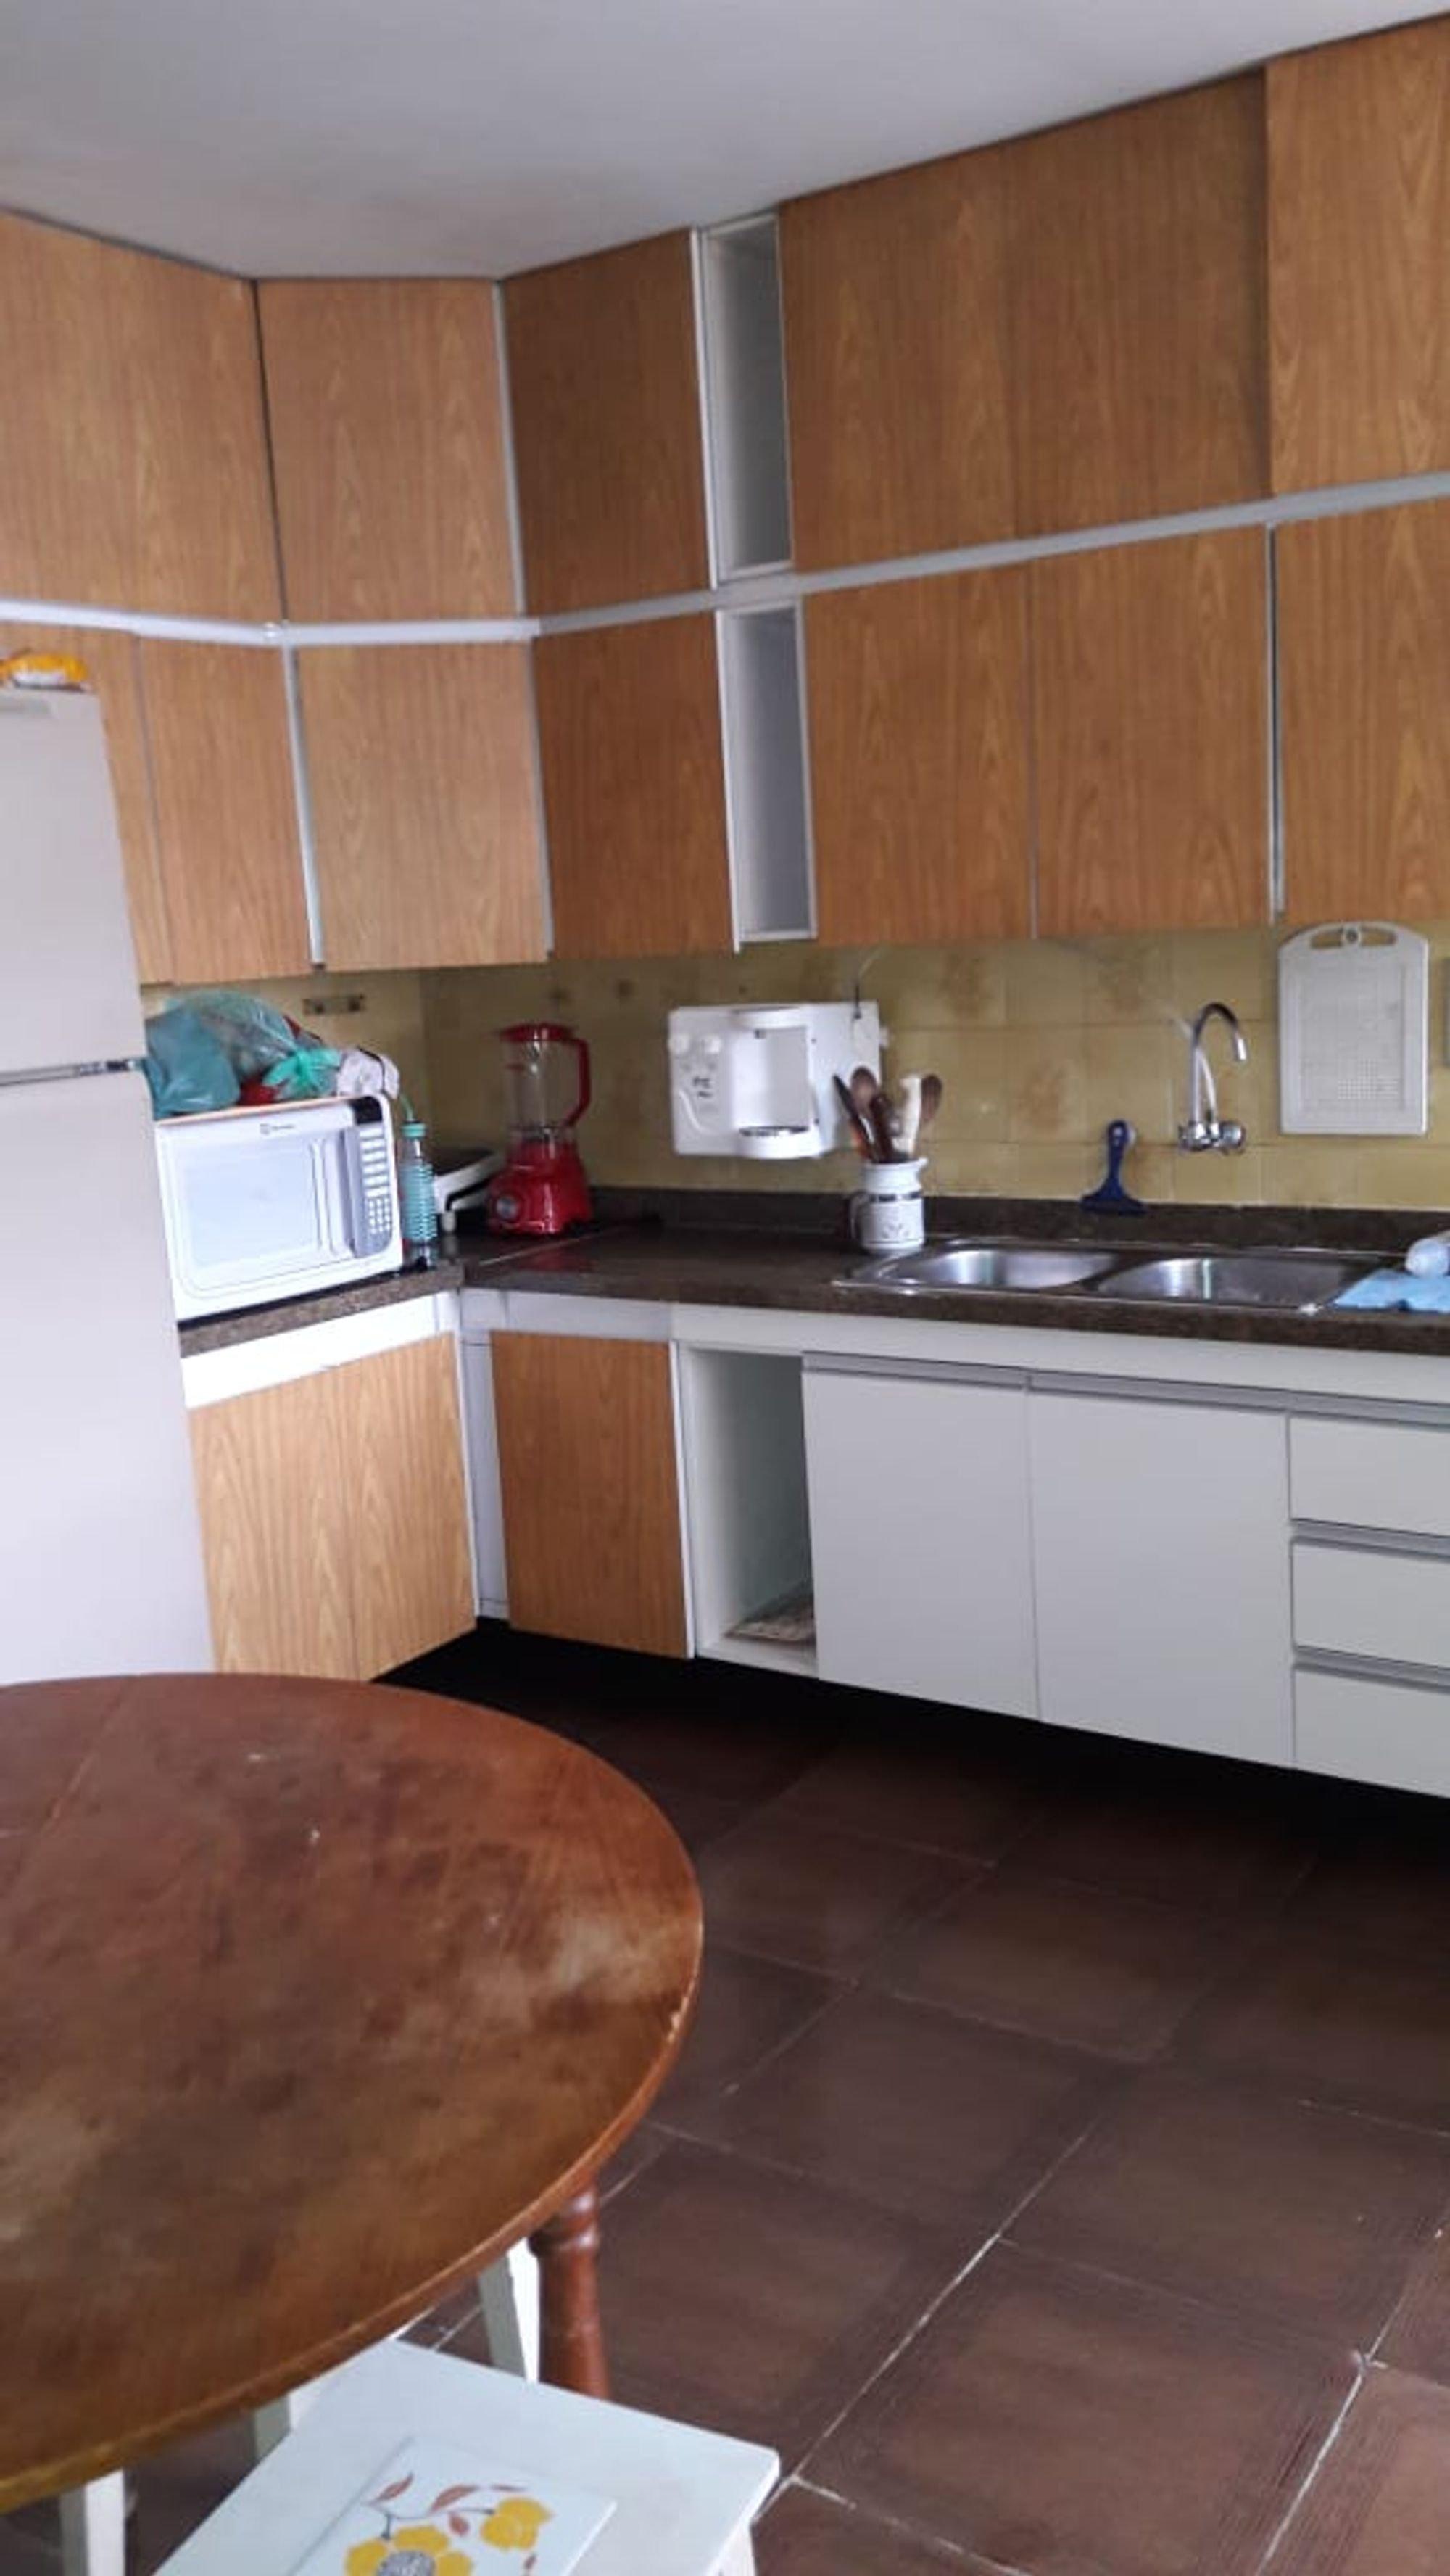 Foto de Cozinha com faca, geladeira, microondas, livro, mesa de jantar